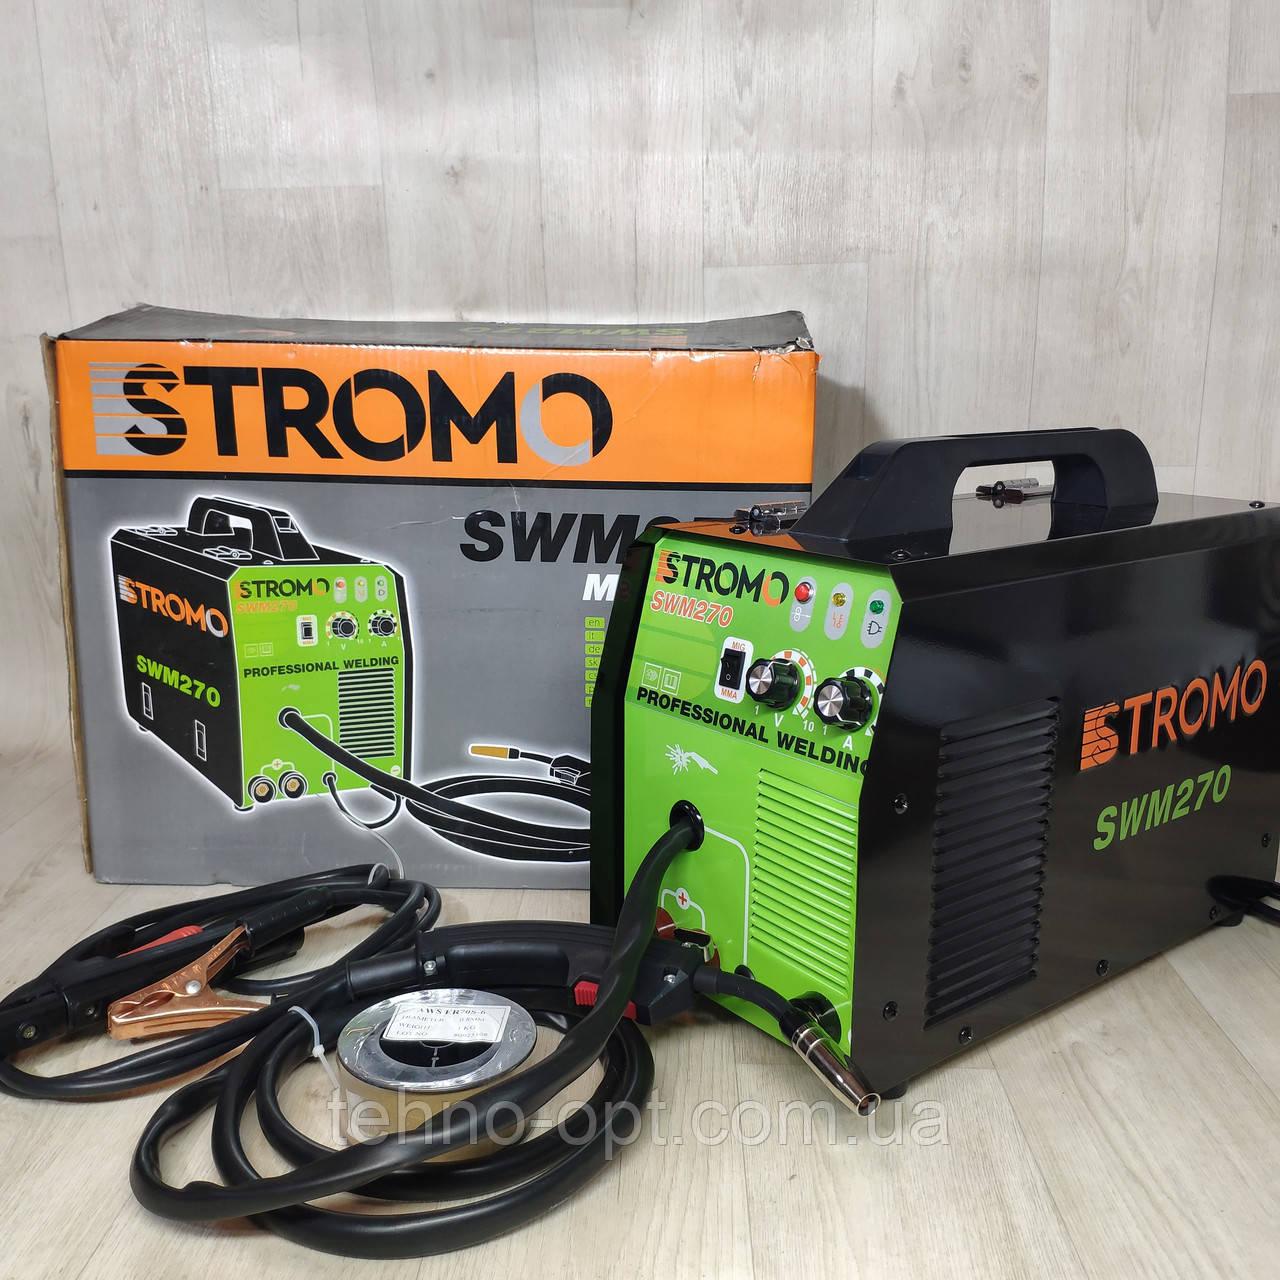 Сварочный полуавтомат STROMO SWM270 (2 в 1, инверторный)